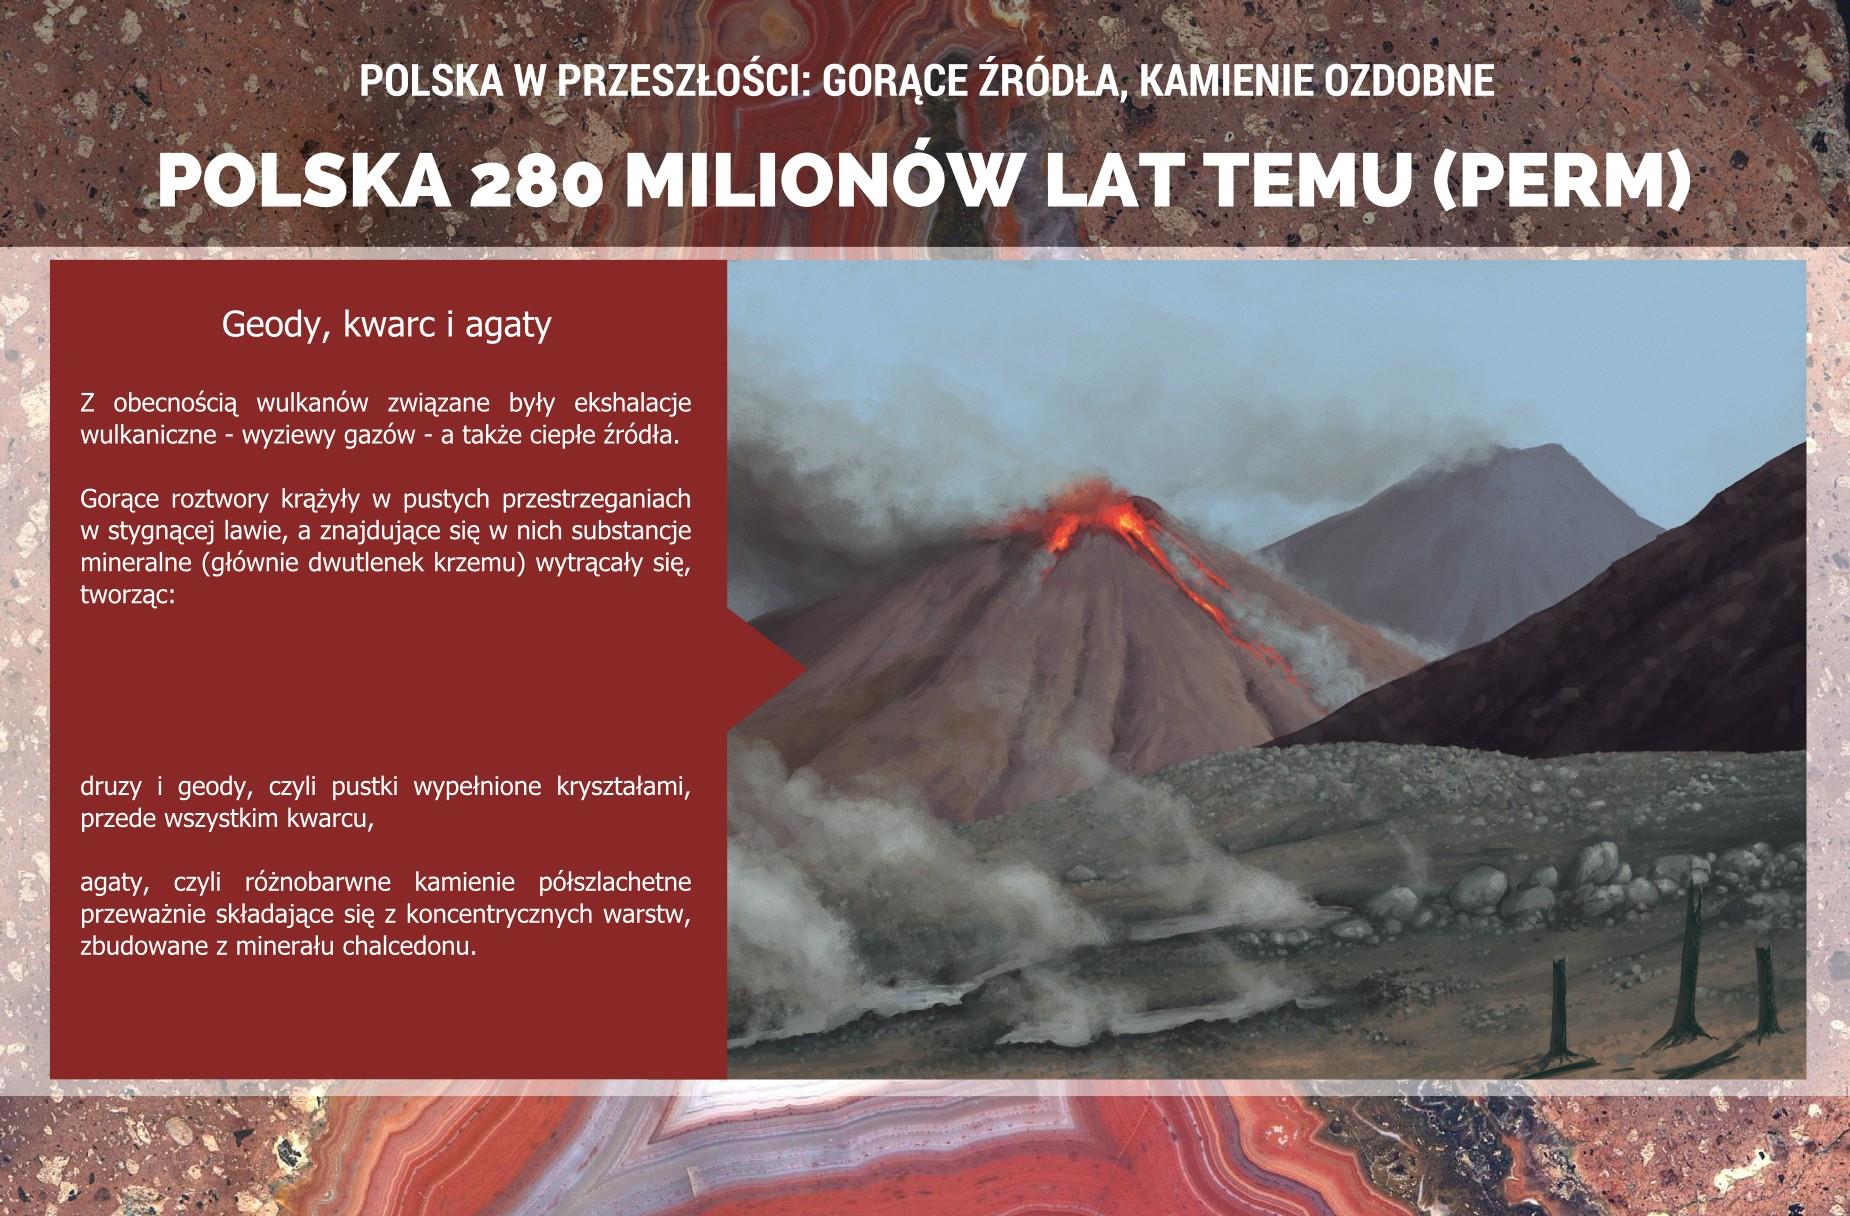 Polska w permie: wulkanizm i powstawanie agatów - plakat.